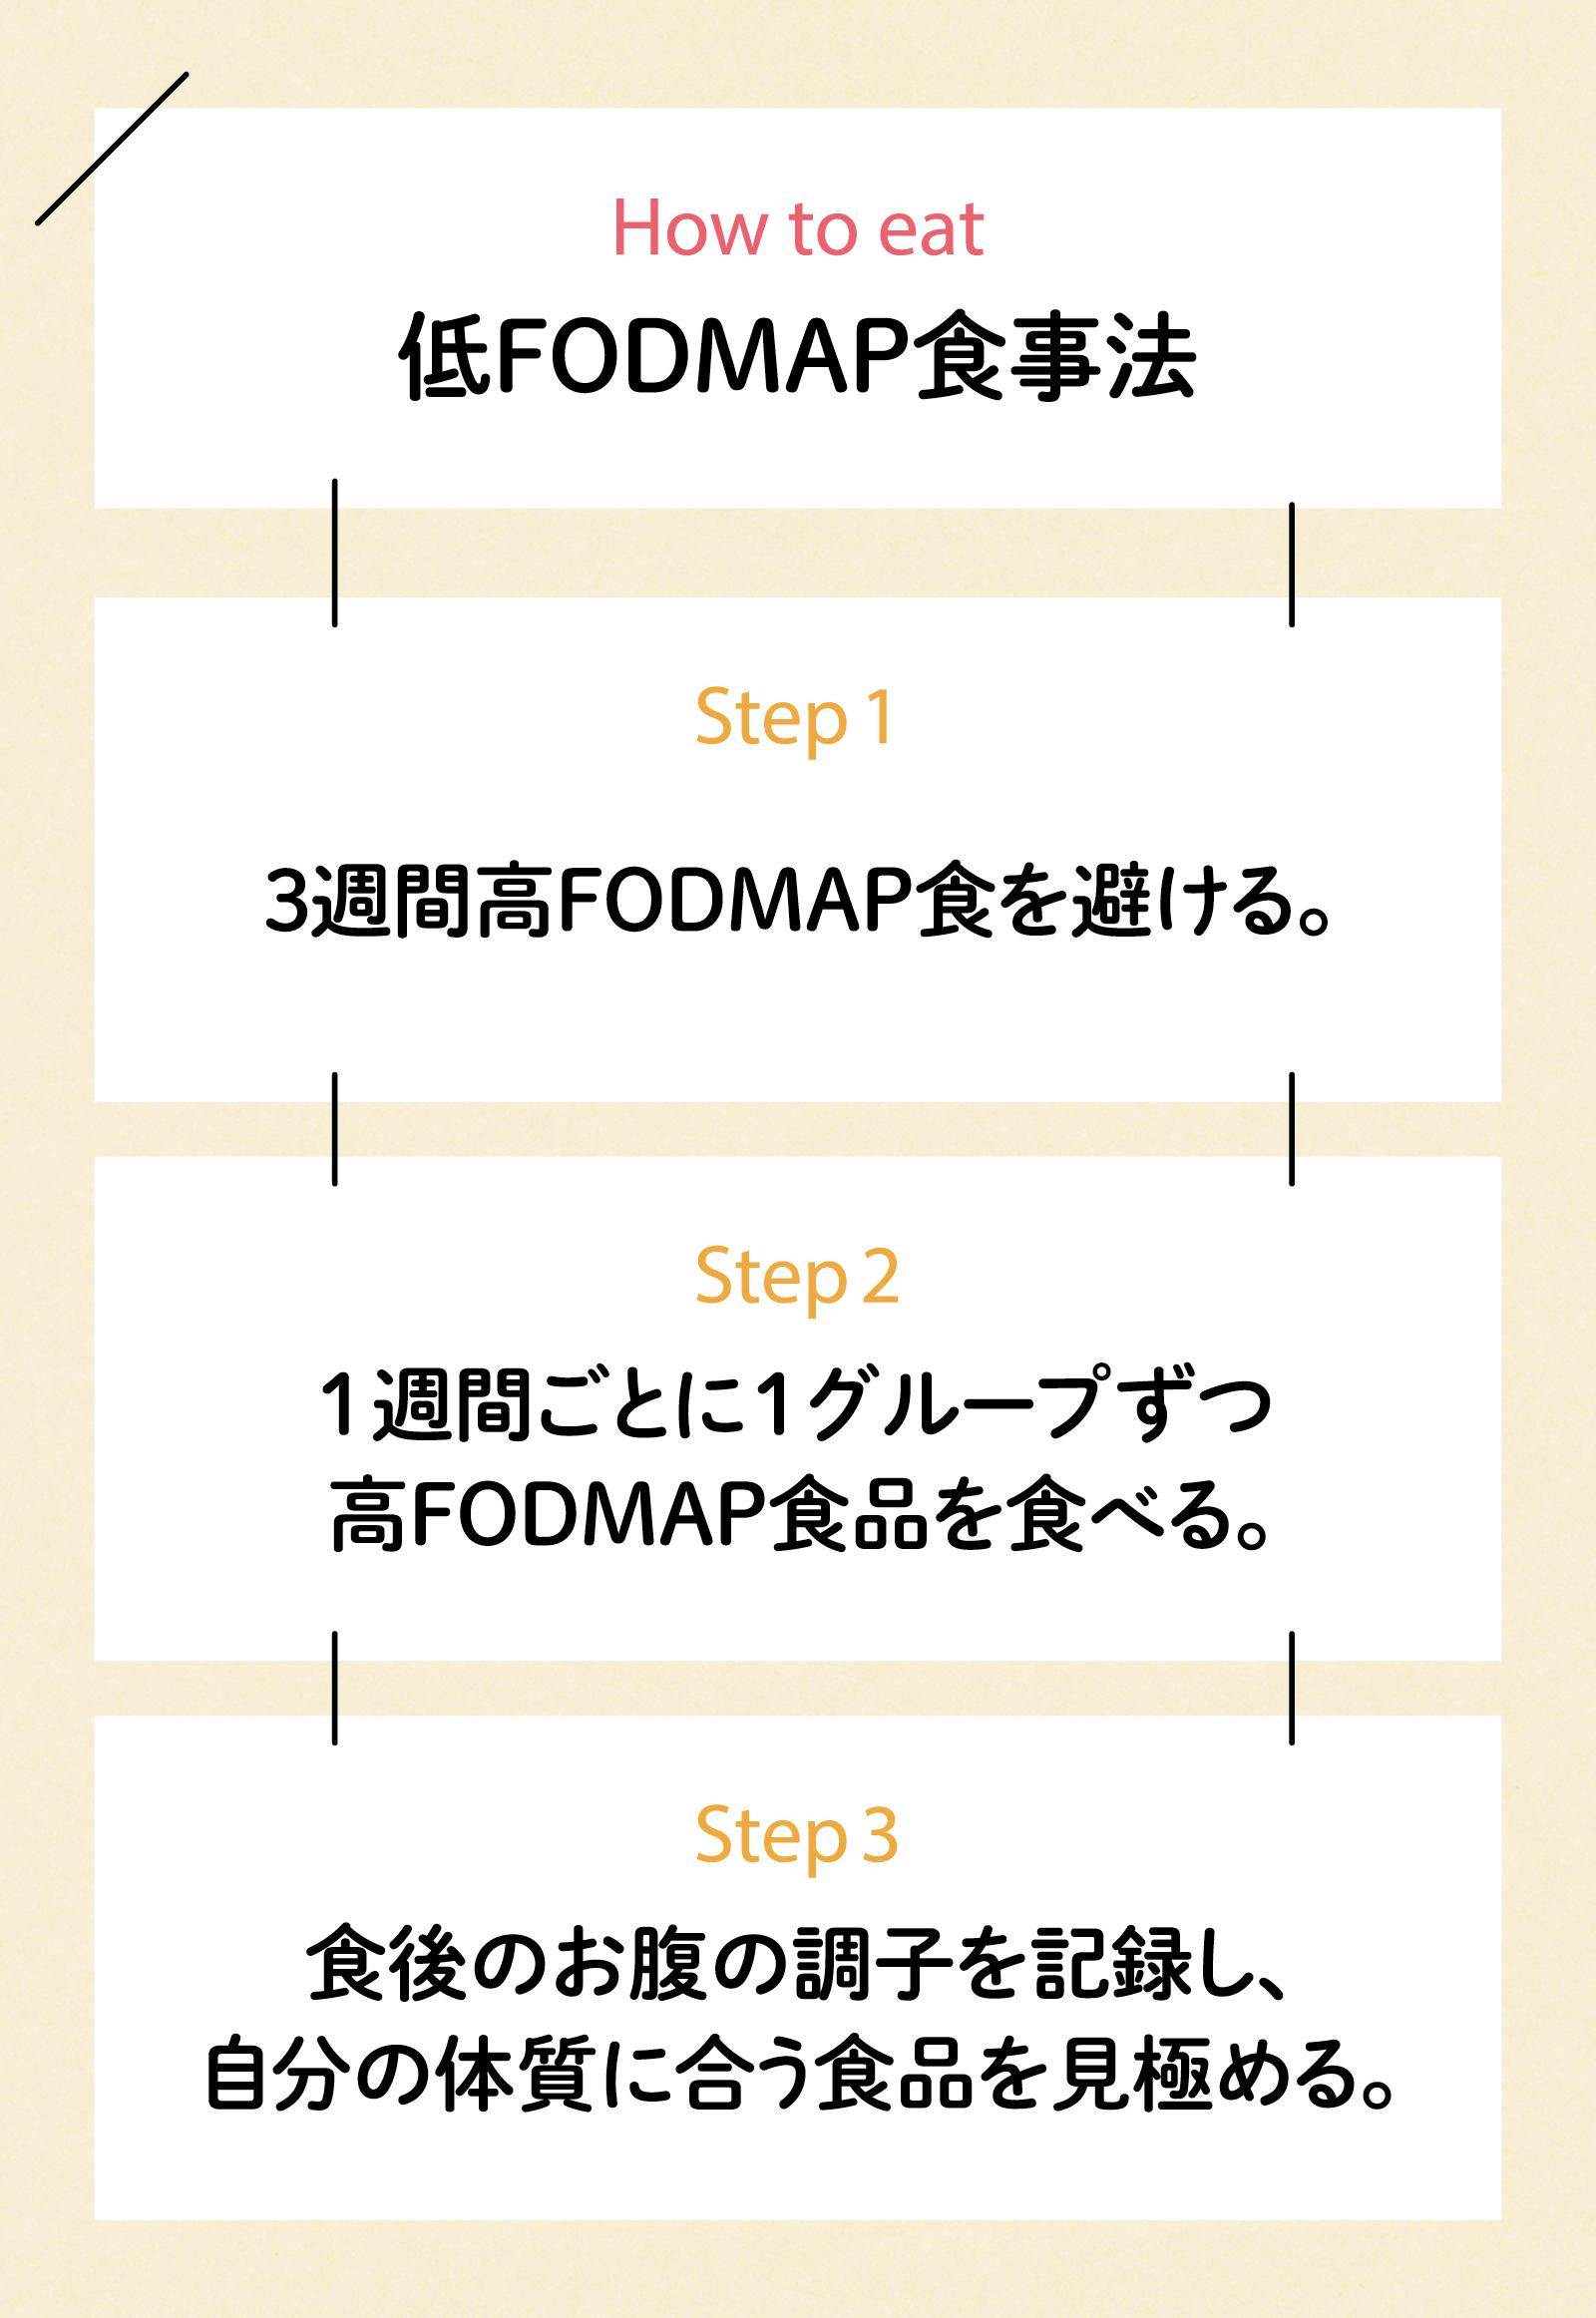 低FODMAP食事法